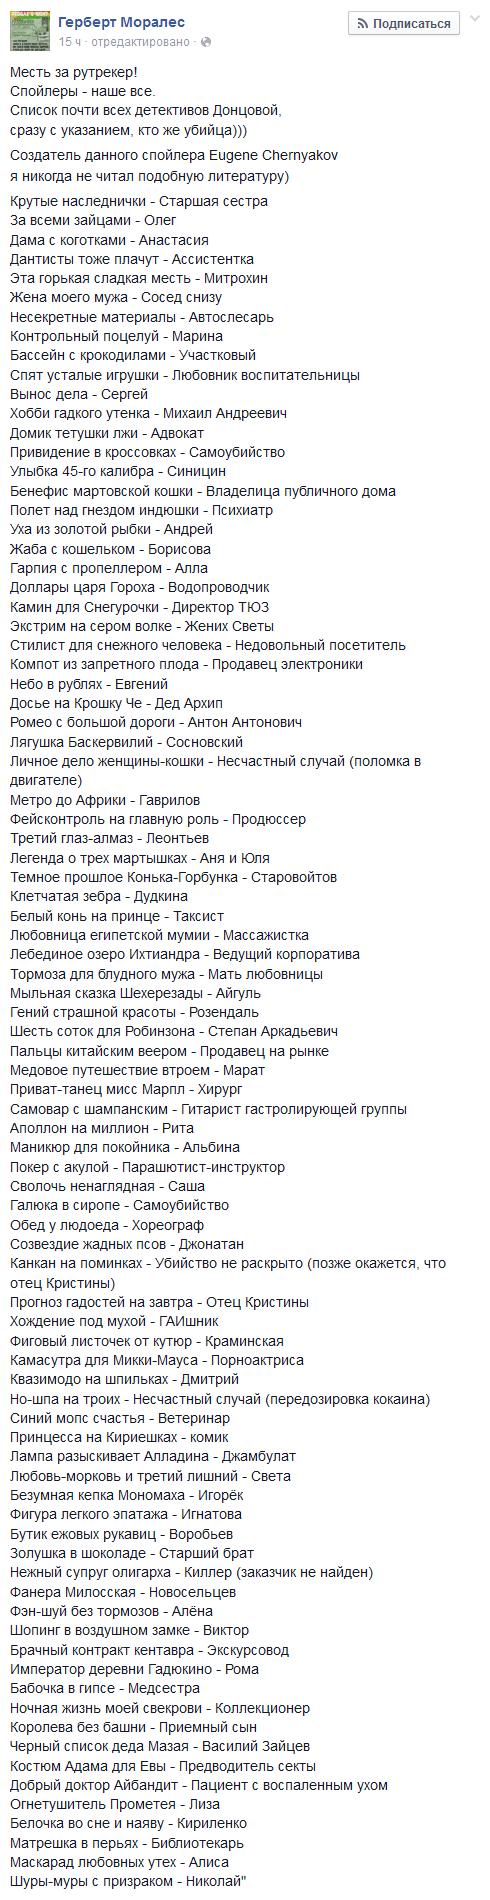 Чтобы «отомстить» Дарье Донцовой за блокировку RuTracker'a, музыкант опубликовал спойлеры к ее детективам (2 фото)